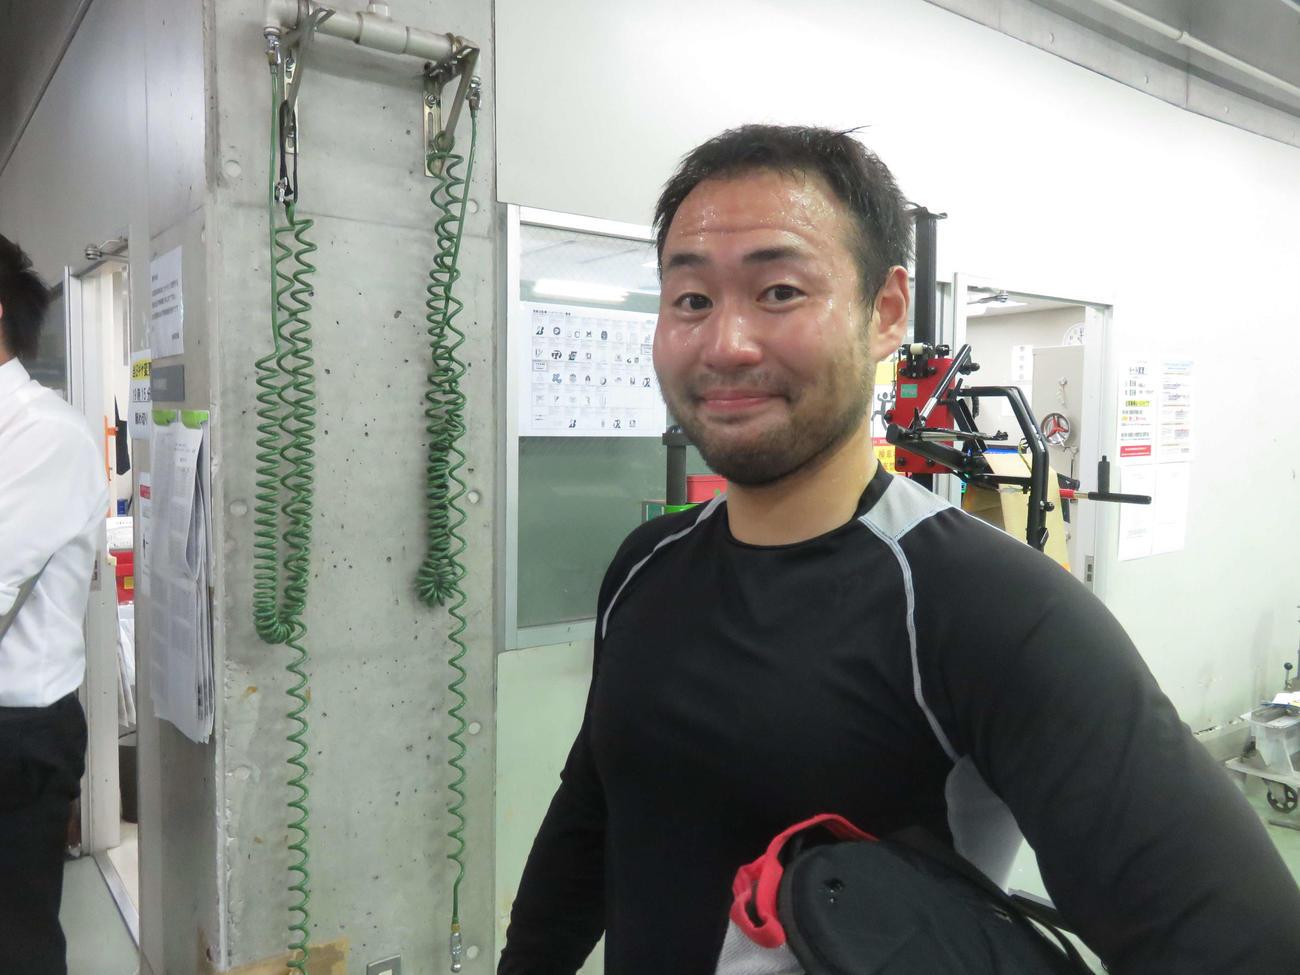 千沢大輔が竹山陵太の番手から優勝を狙う